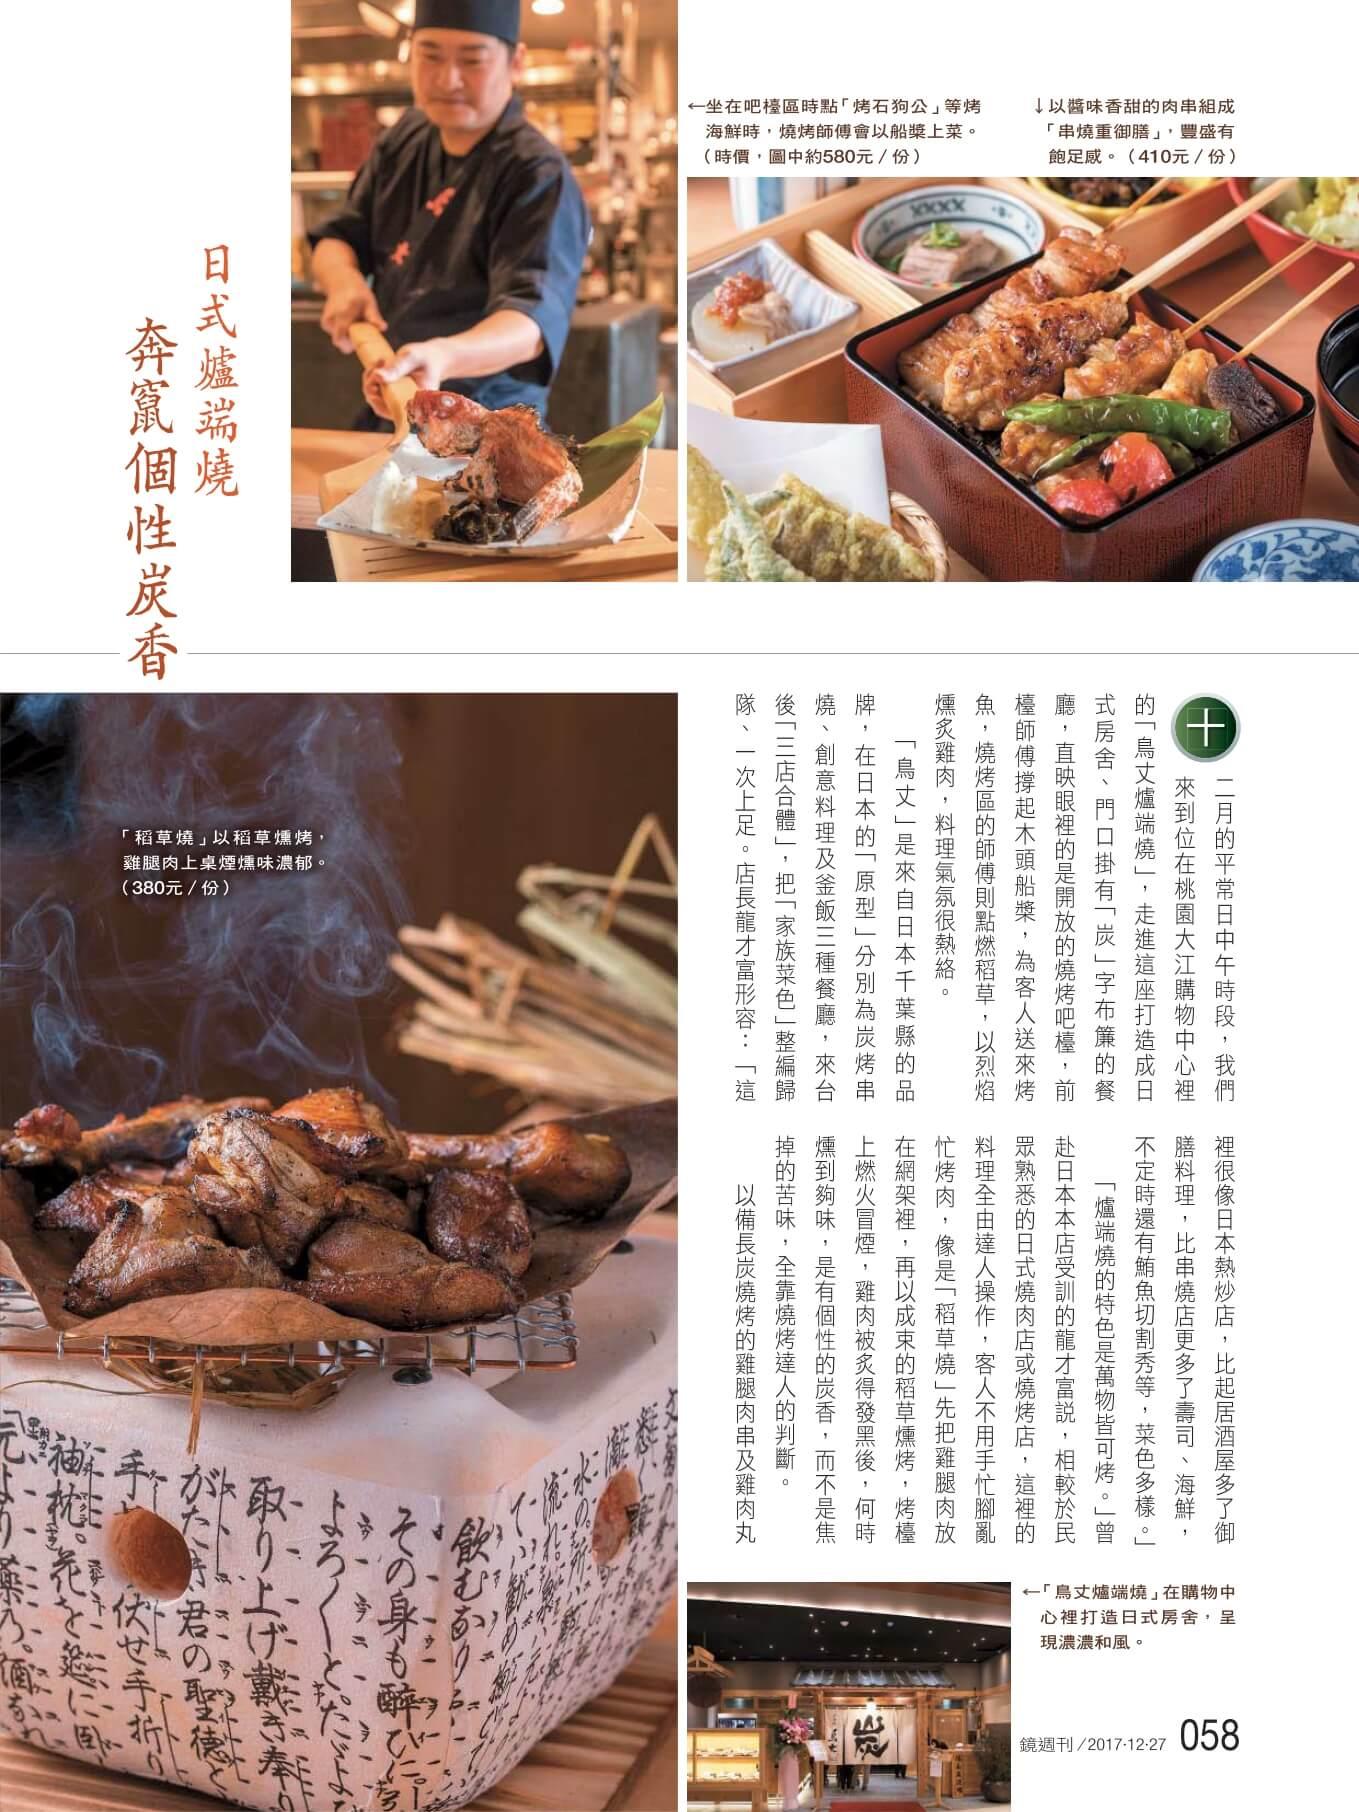 鏡週刊第65期_真味的決鬥